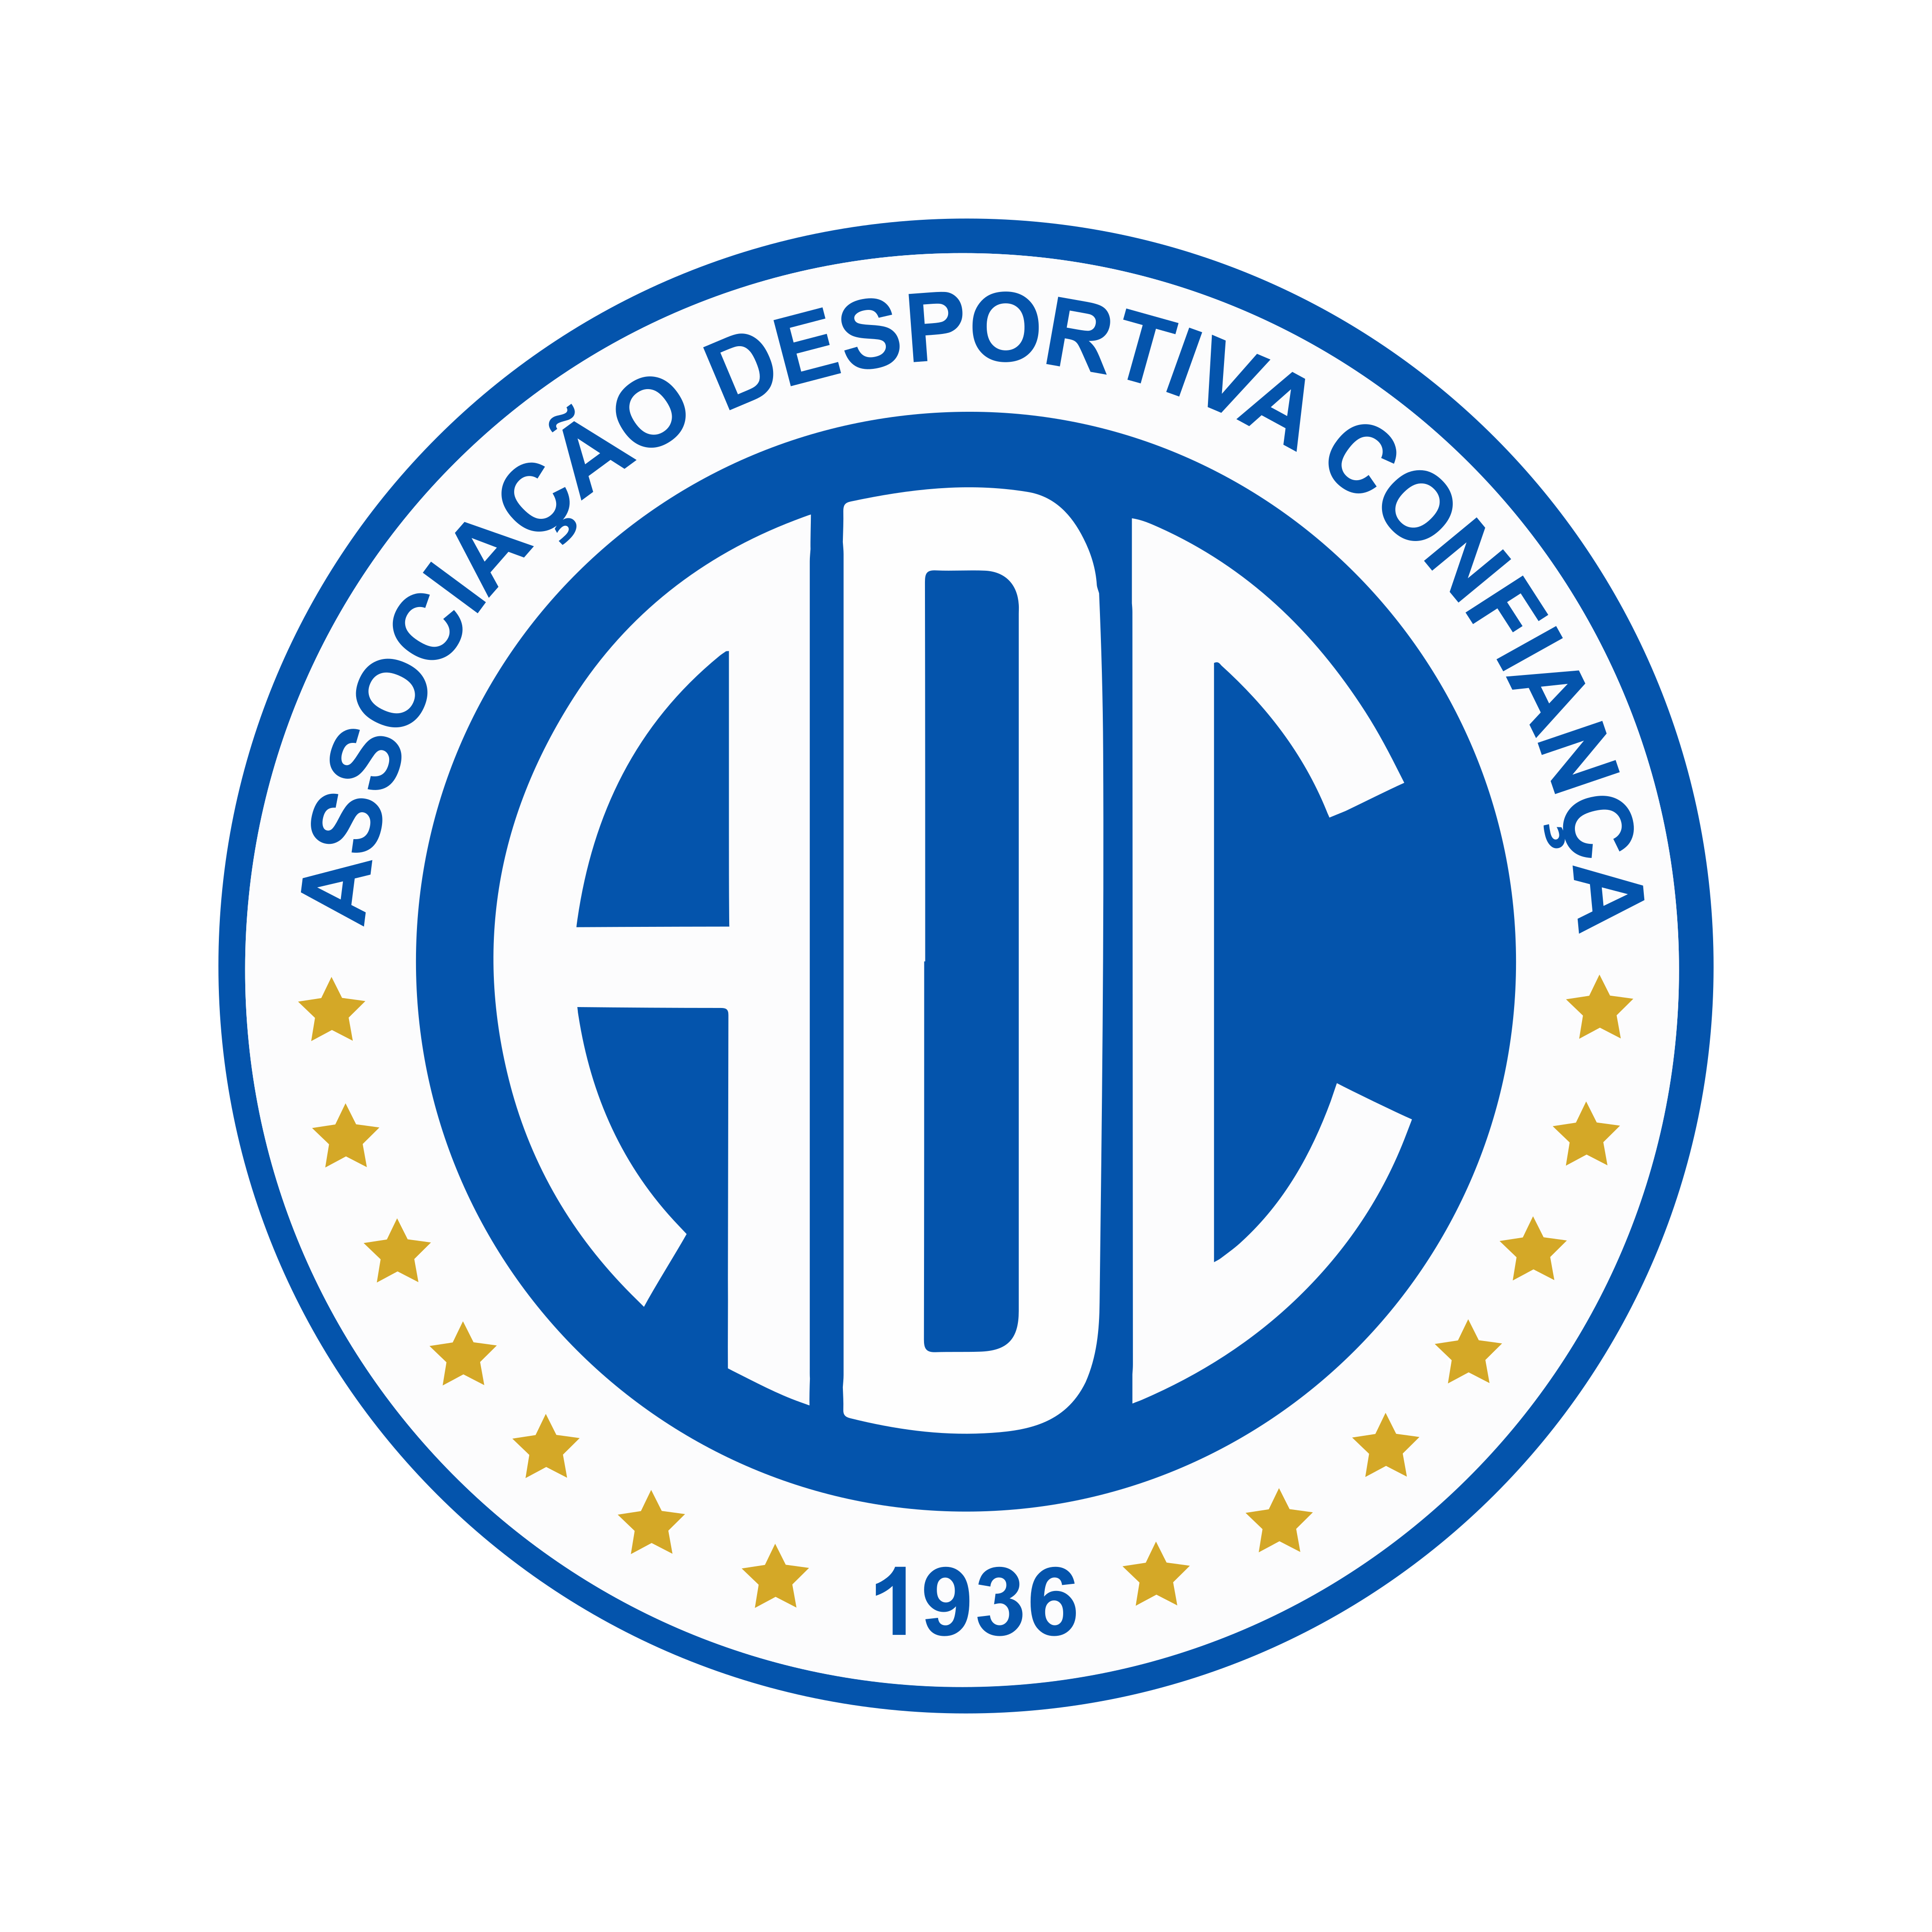 ad confianca logo 0 - AD Confiança Logo (Brazil)